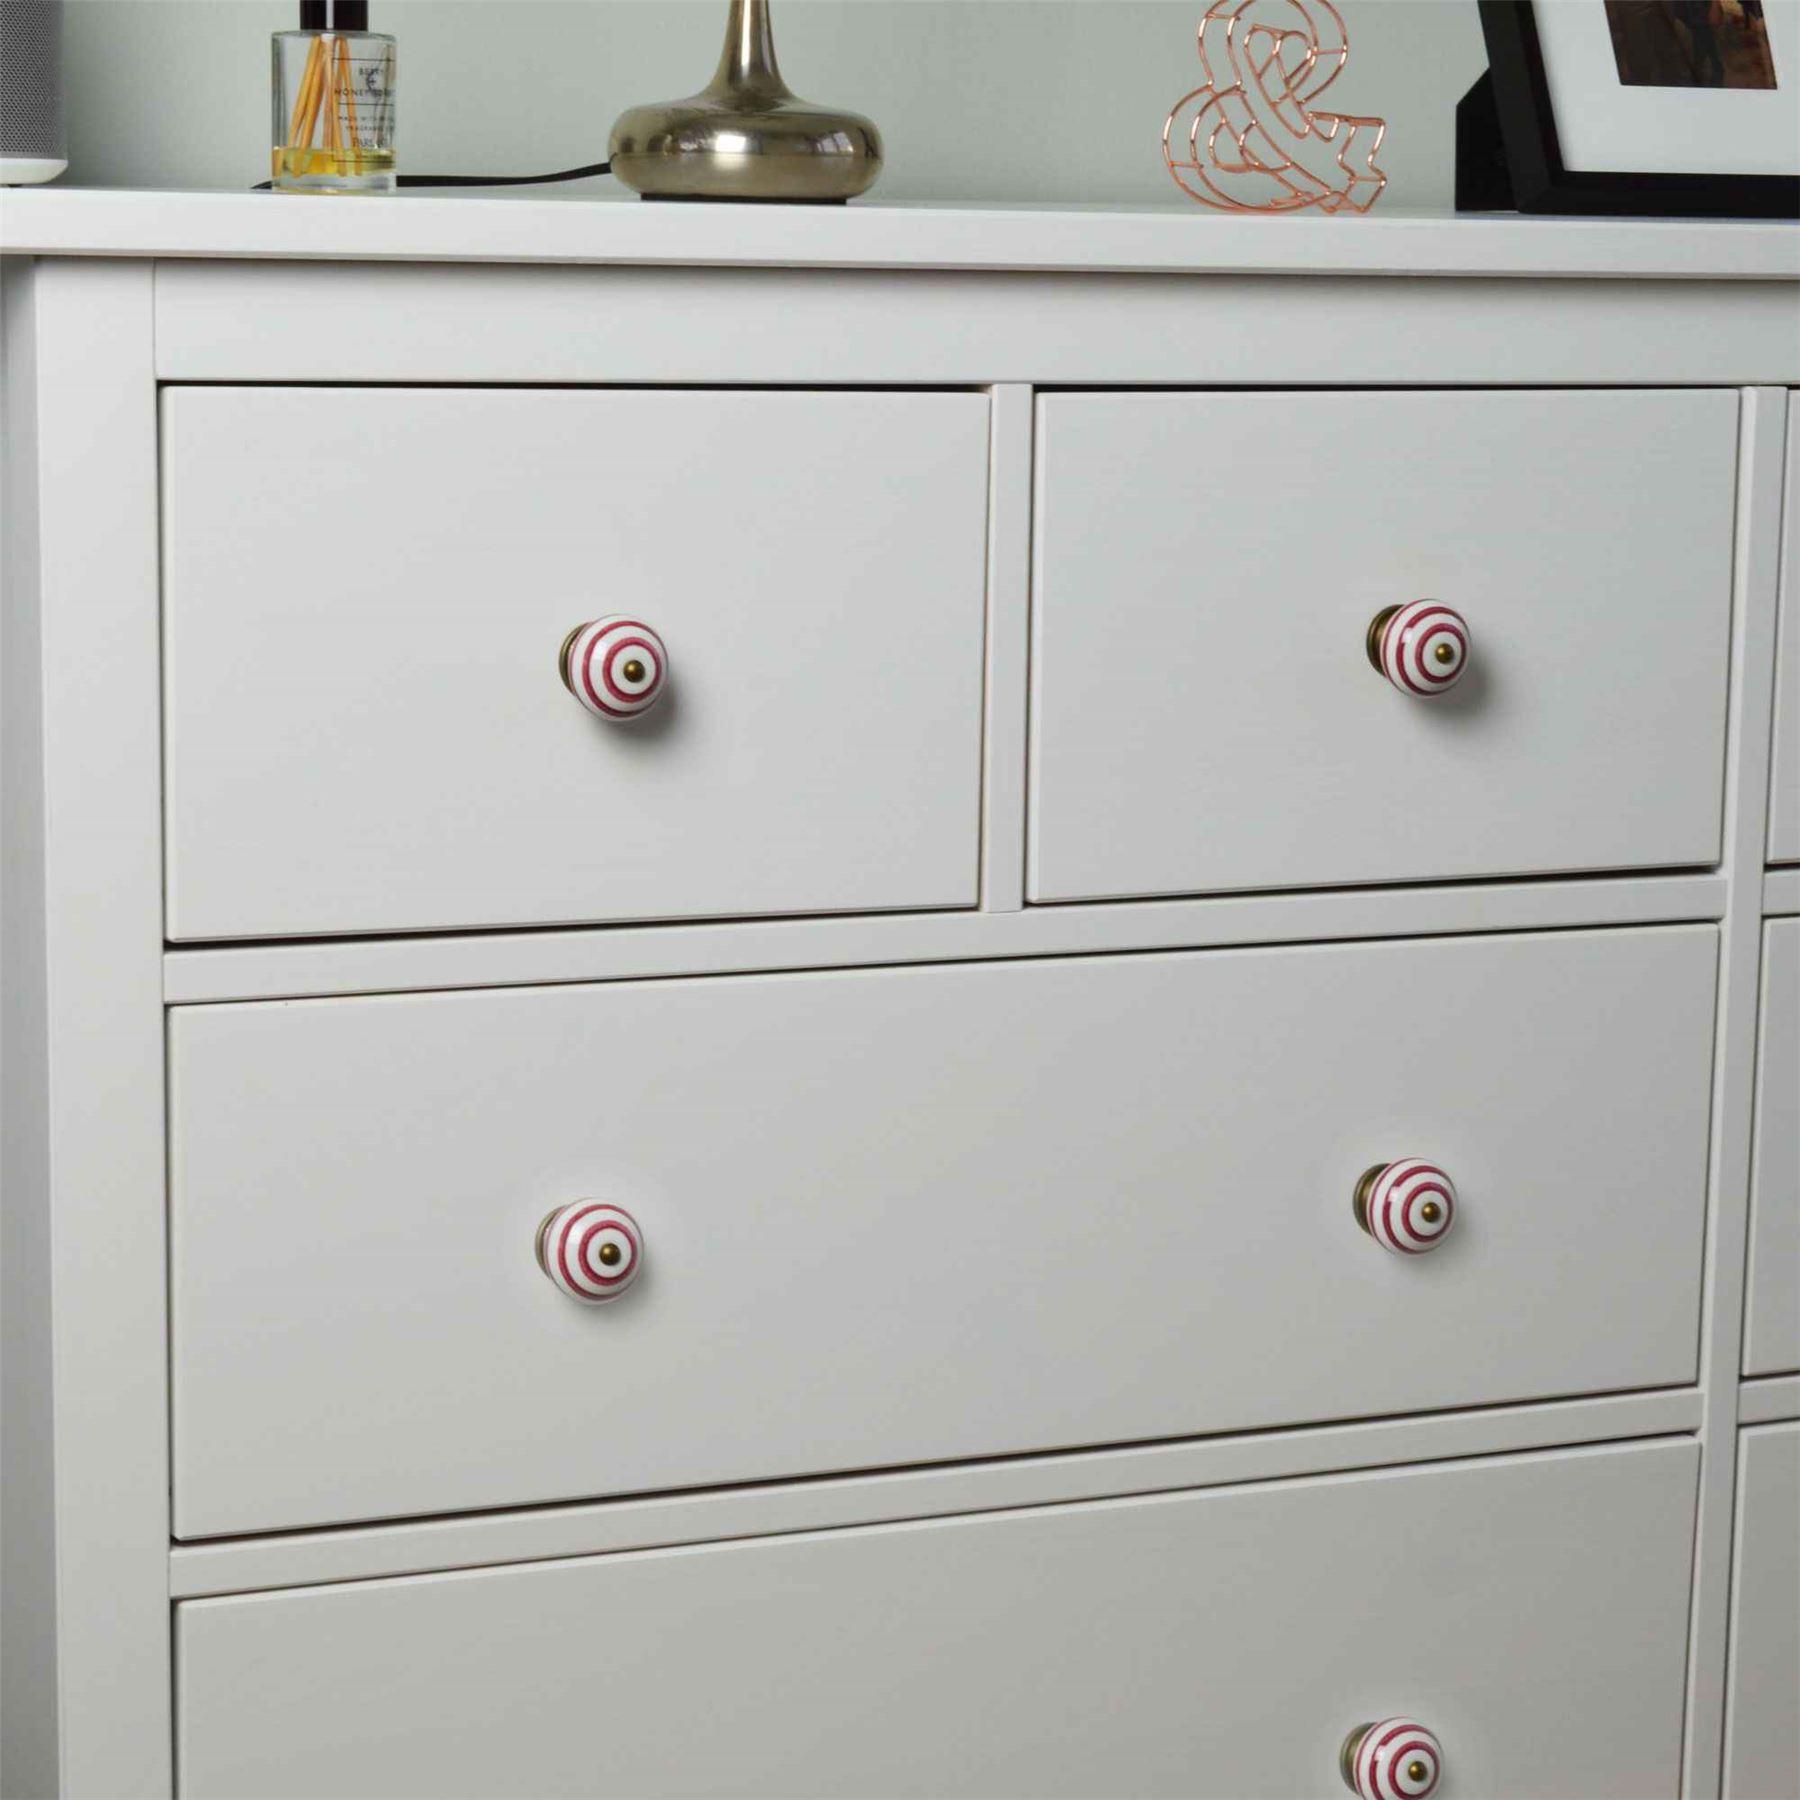 Lot de 6 pour Placard//tiroir Nicola Spring Poign/ées en c/éramique Style Floral Vintage Rouge fonc/é